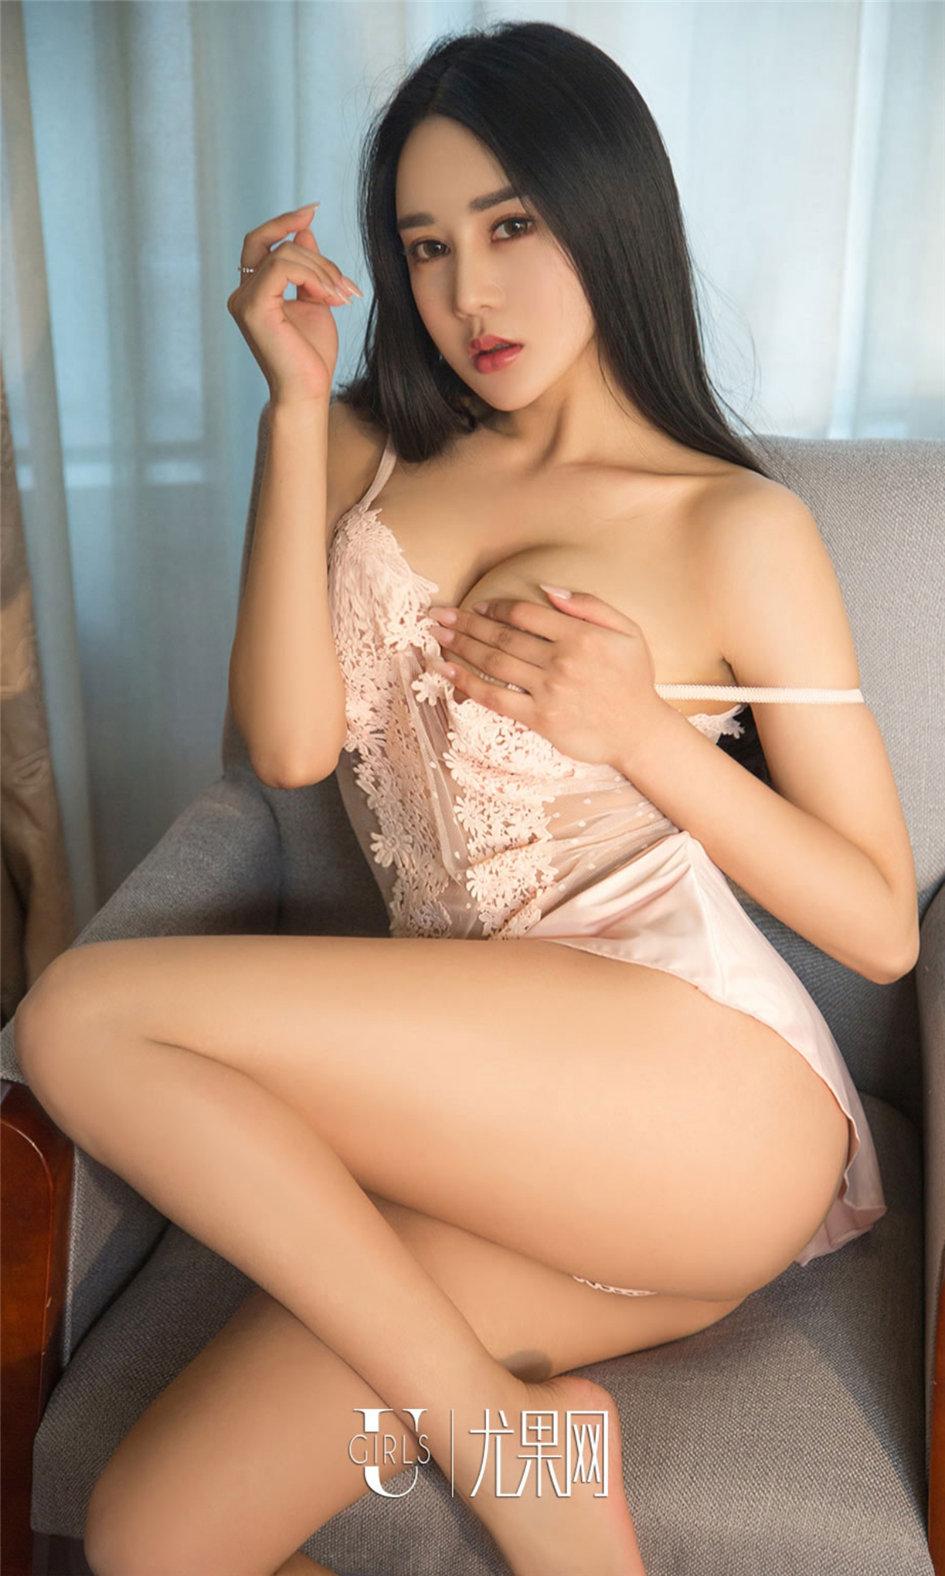 [尤果网] 蕾丝吊带睡裙美女司徒林私房美女大图 第939期